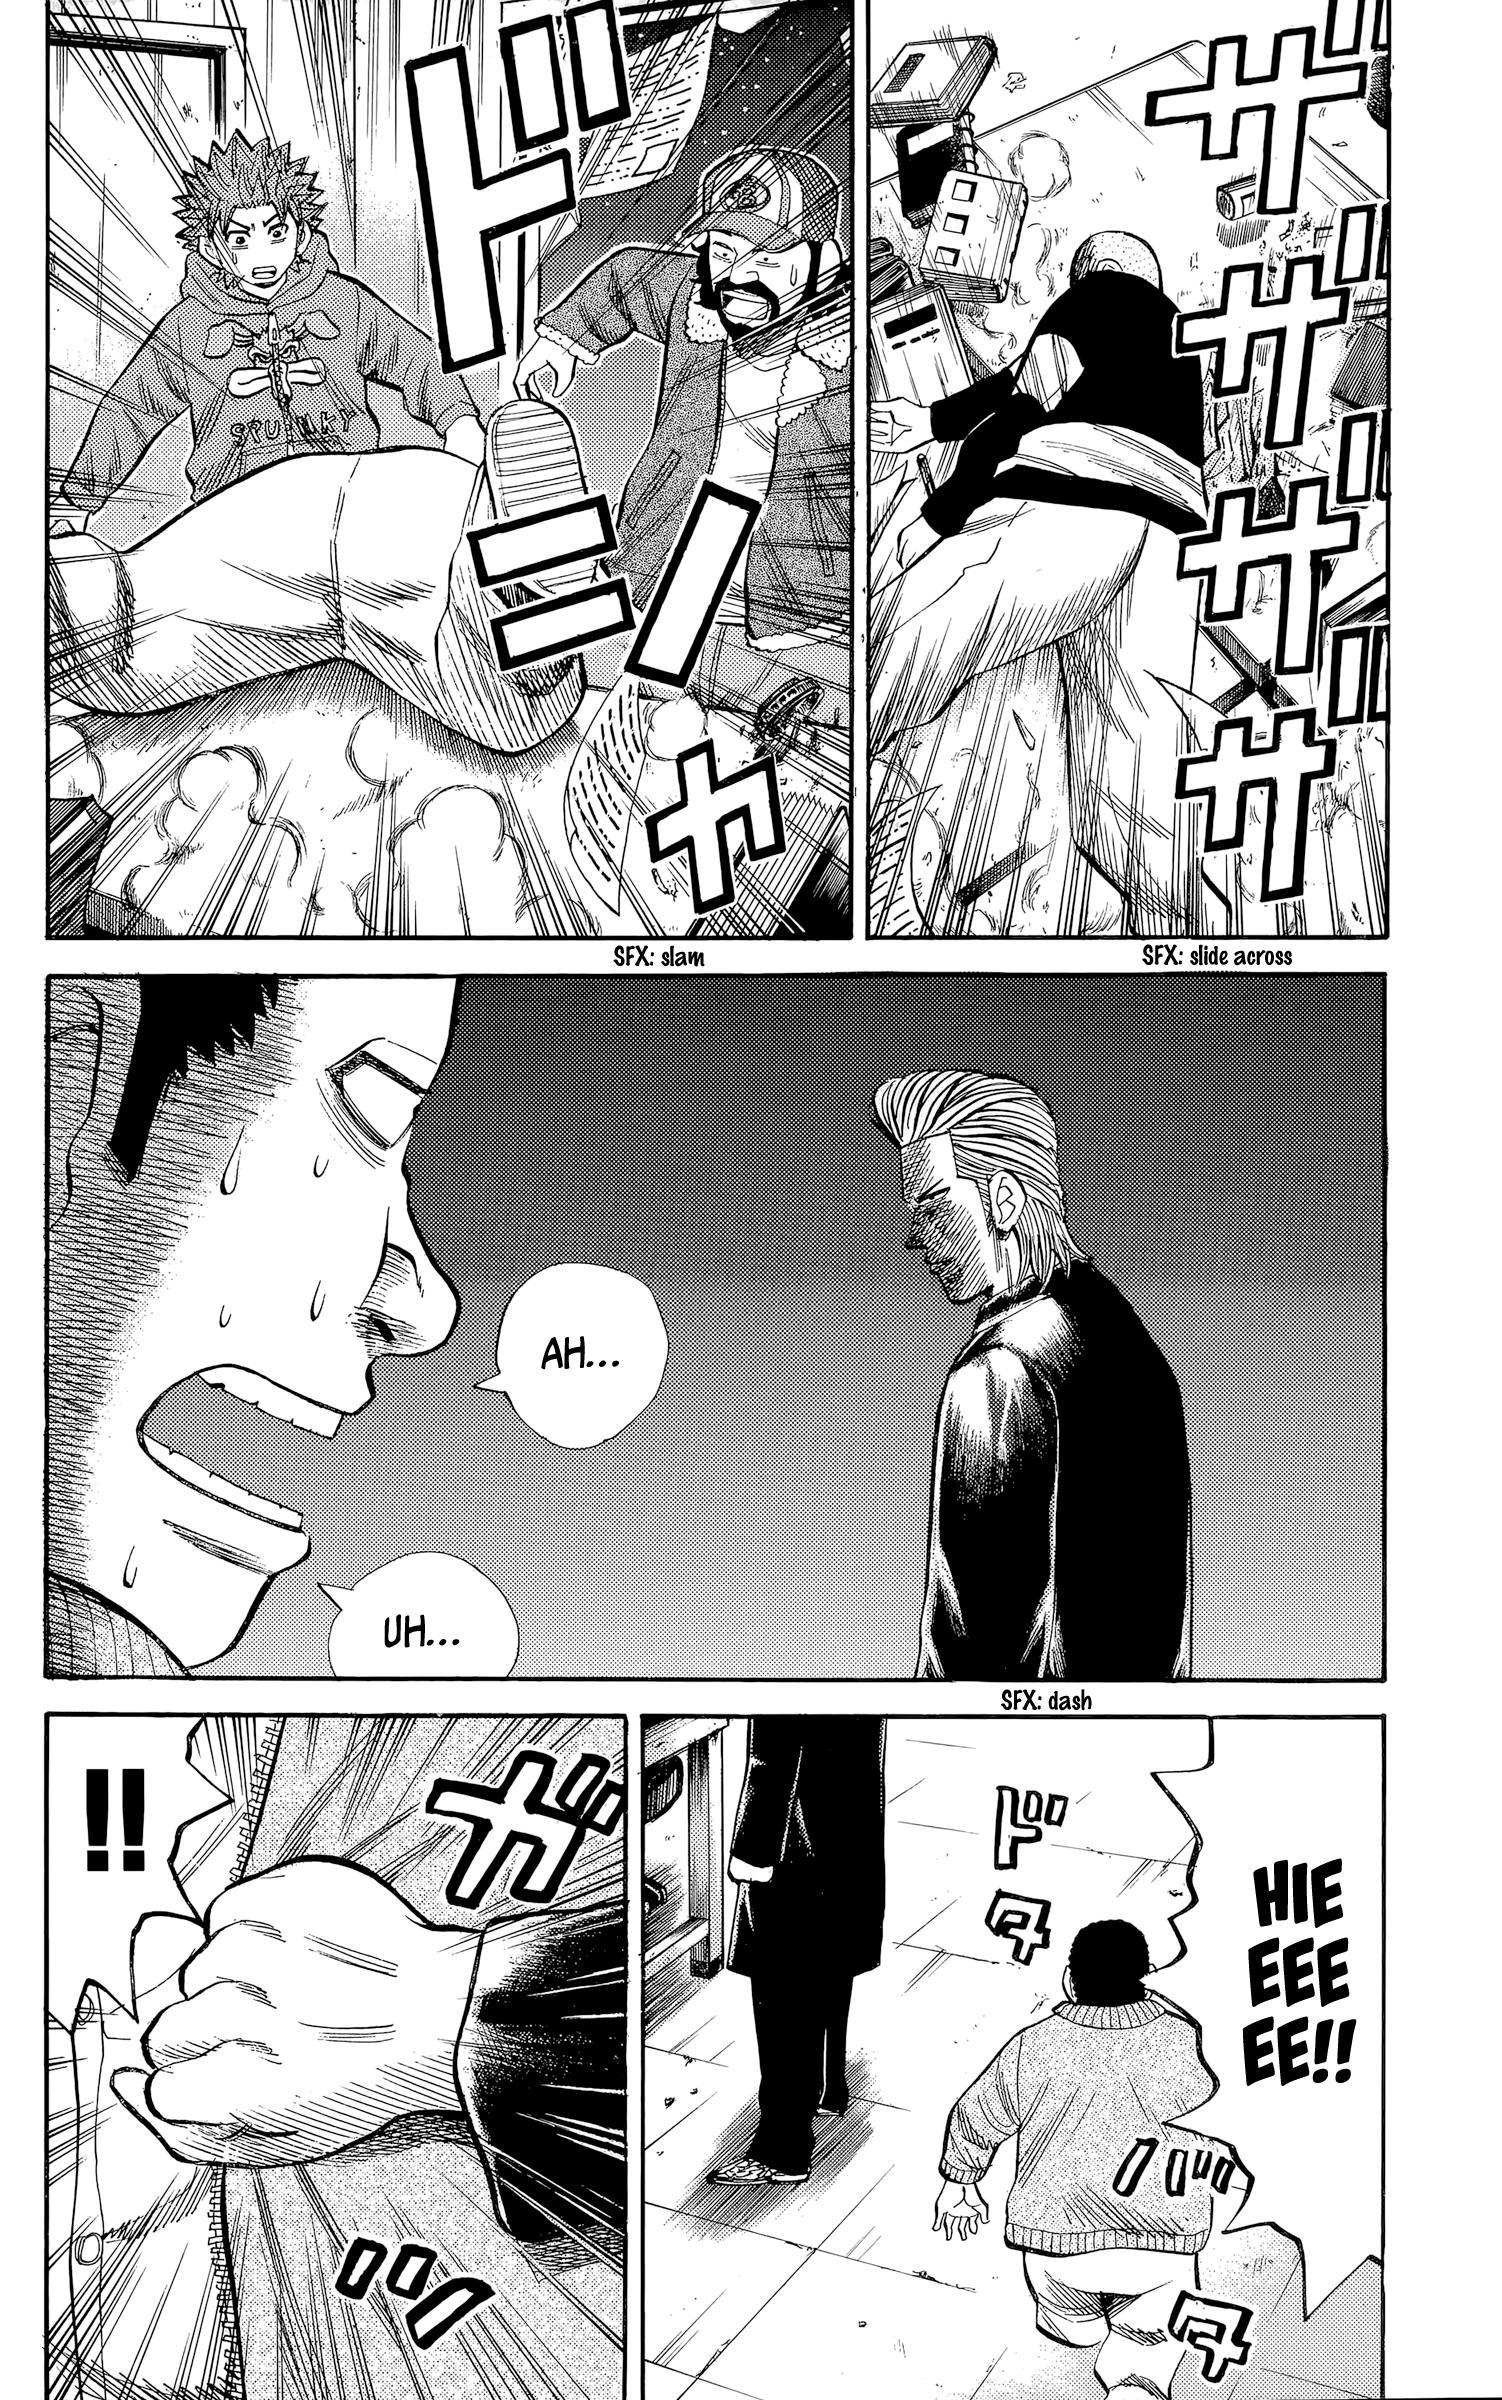 Nanba Mg5 Vol.12 Chapter 104: The Beast Has Been Unleashed page 6 - Mangakakalots.com